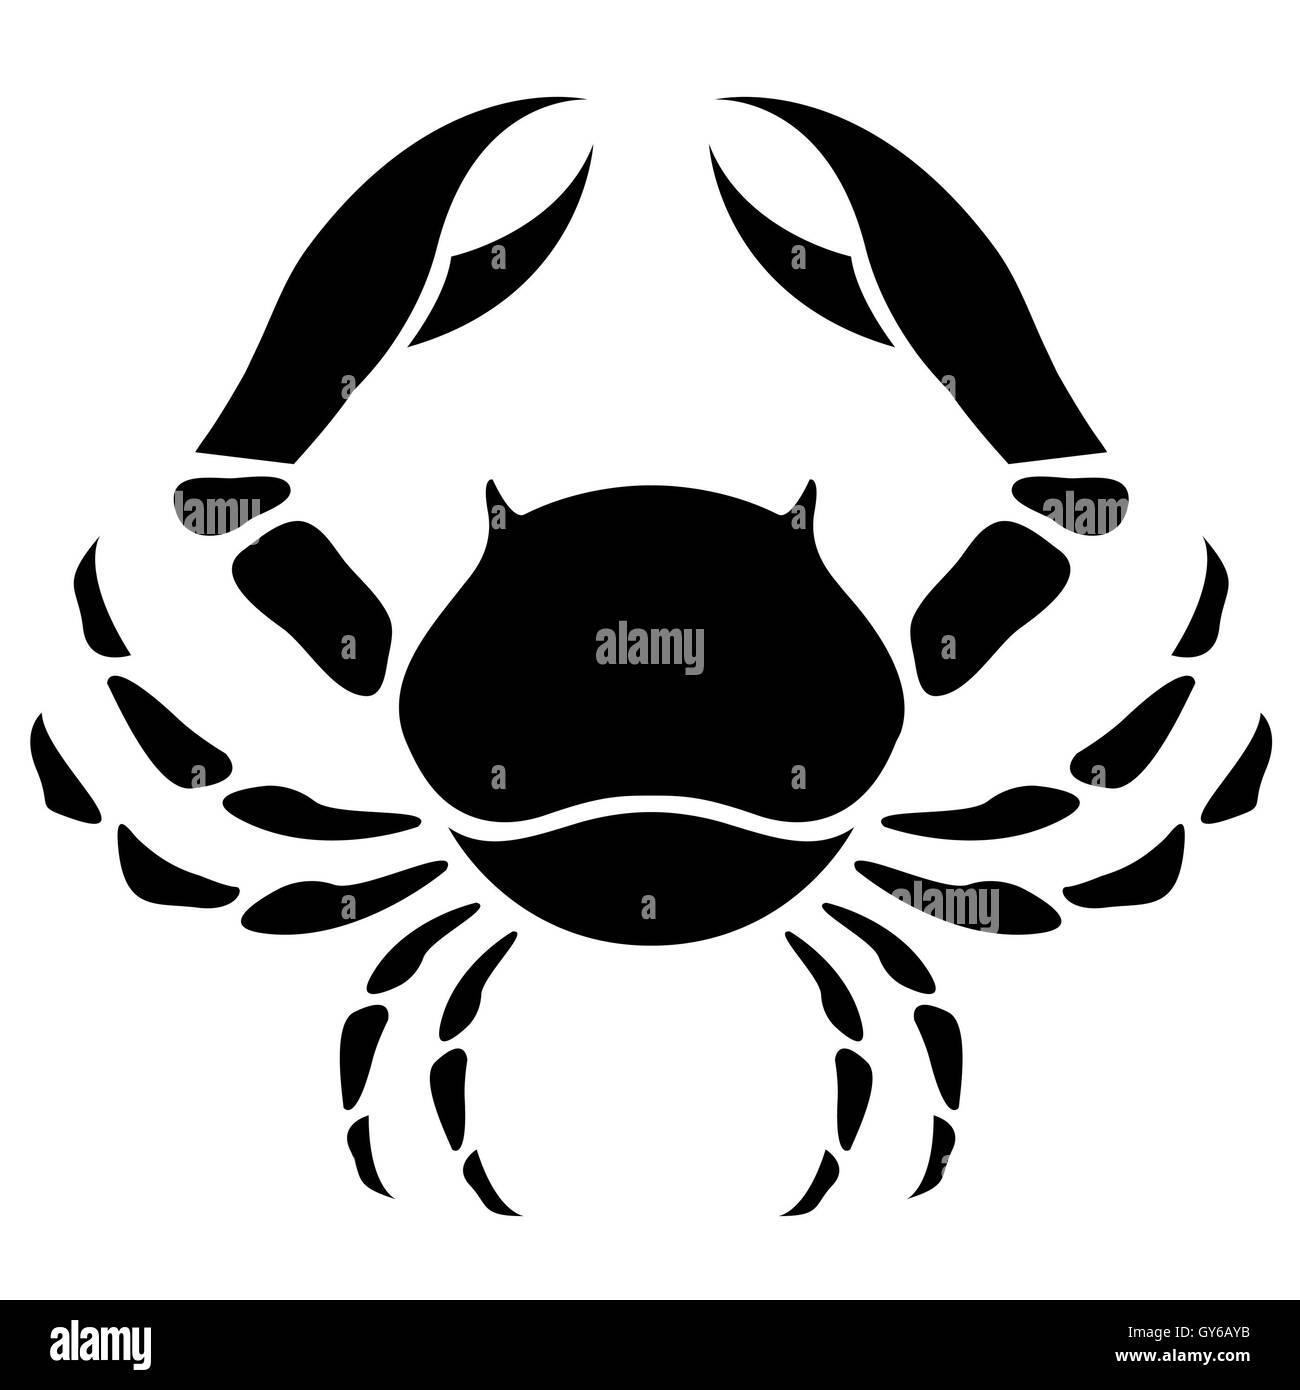 cancer crab zodiac sign images. Black Bedroom Furniture Sets. Home Design Ideas